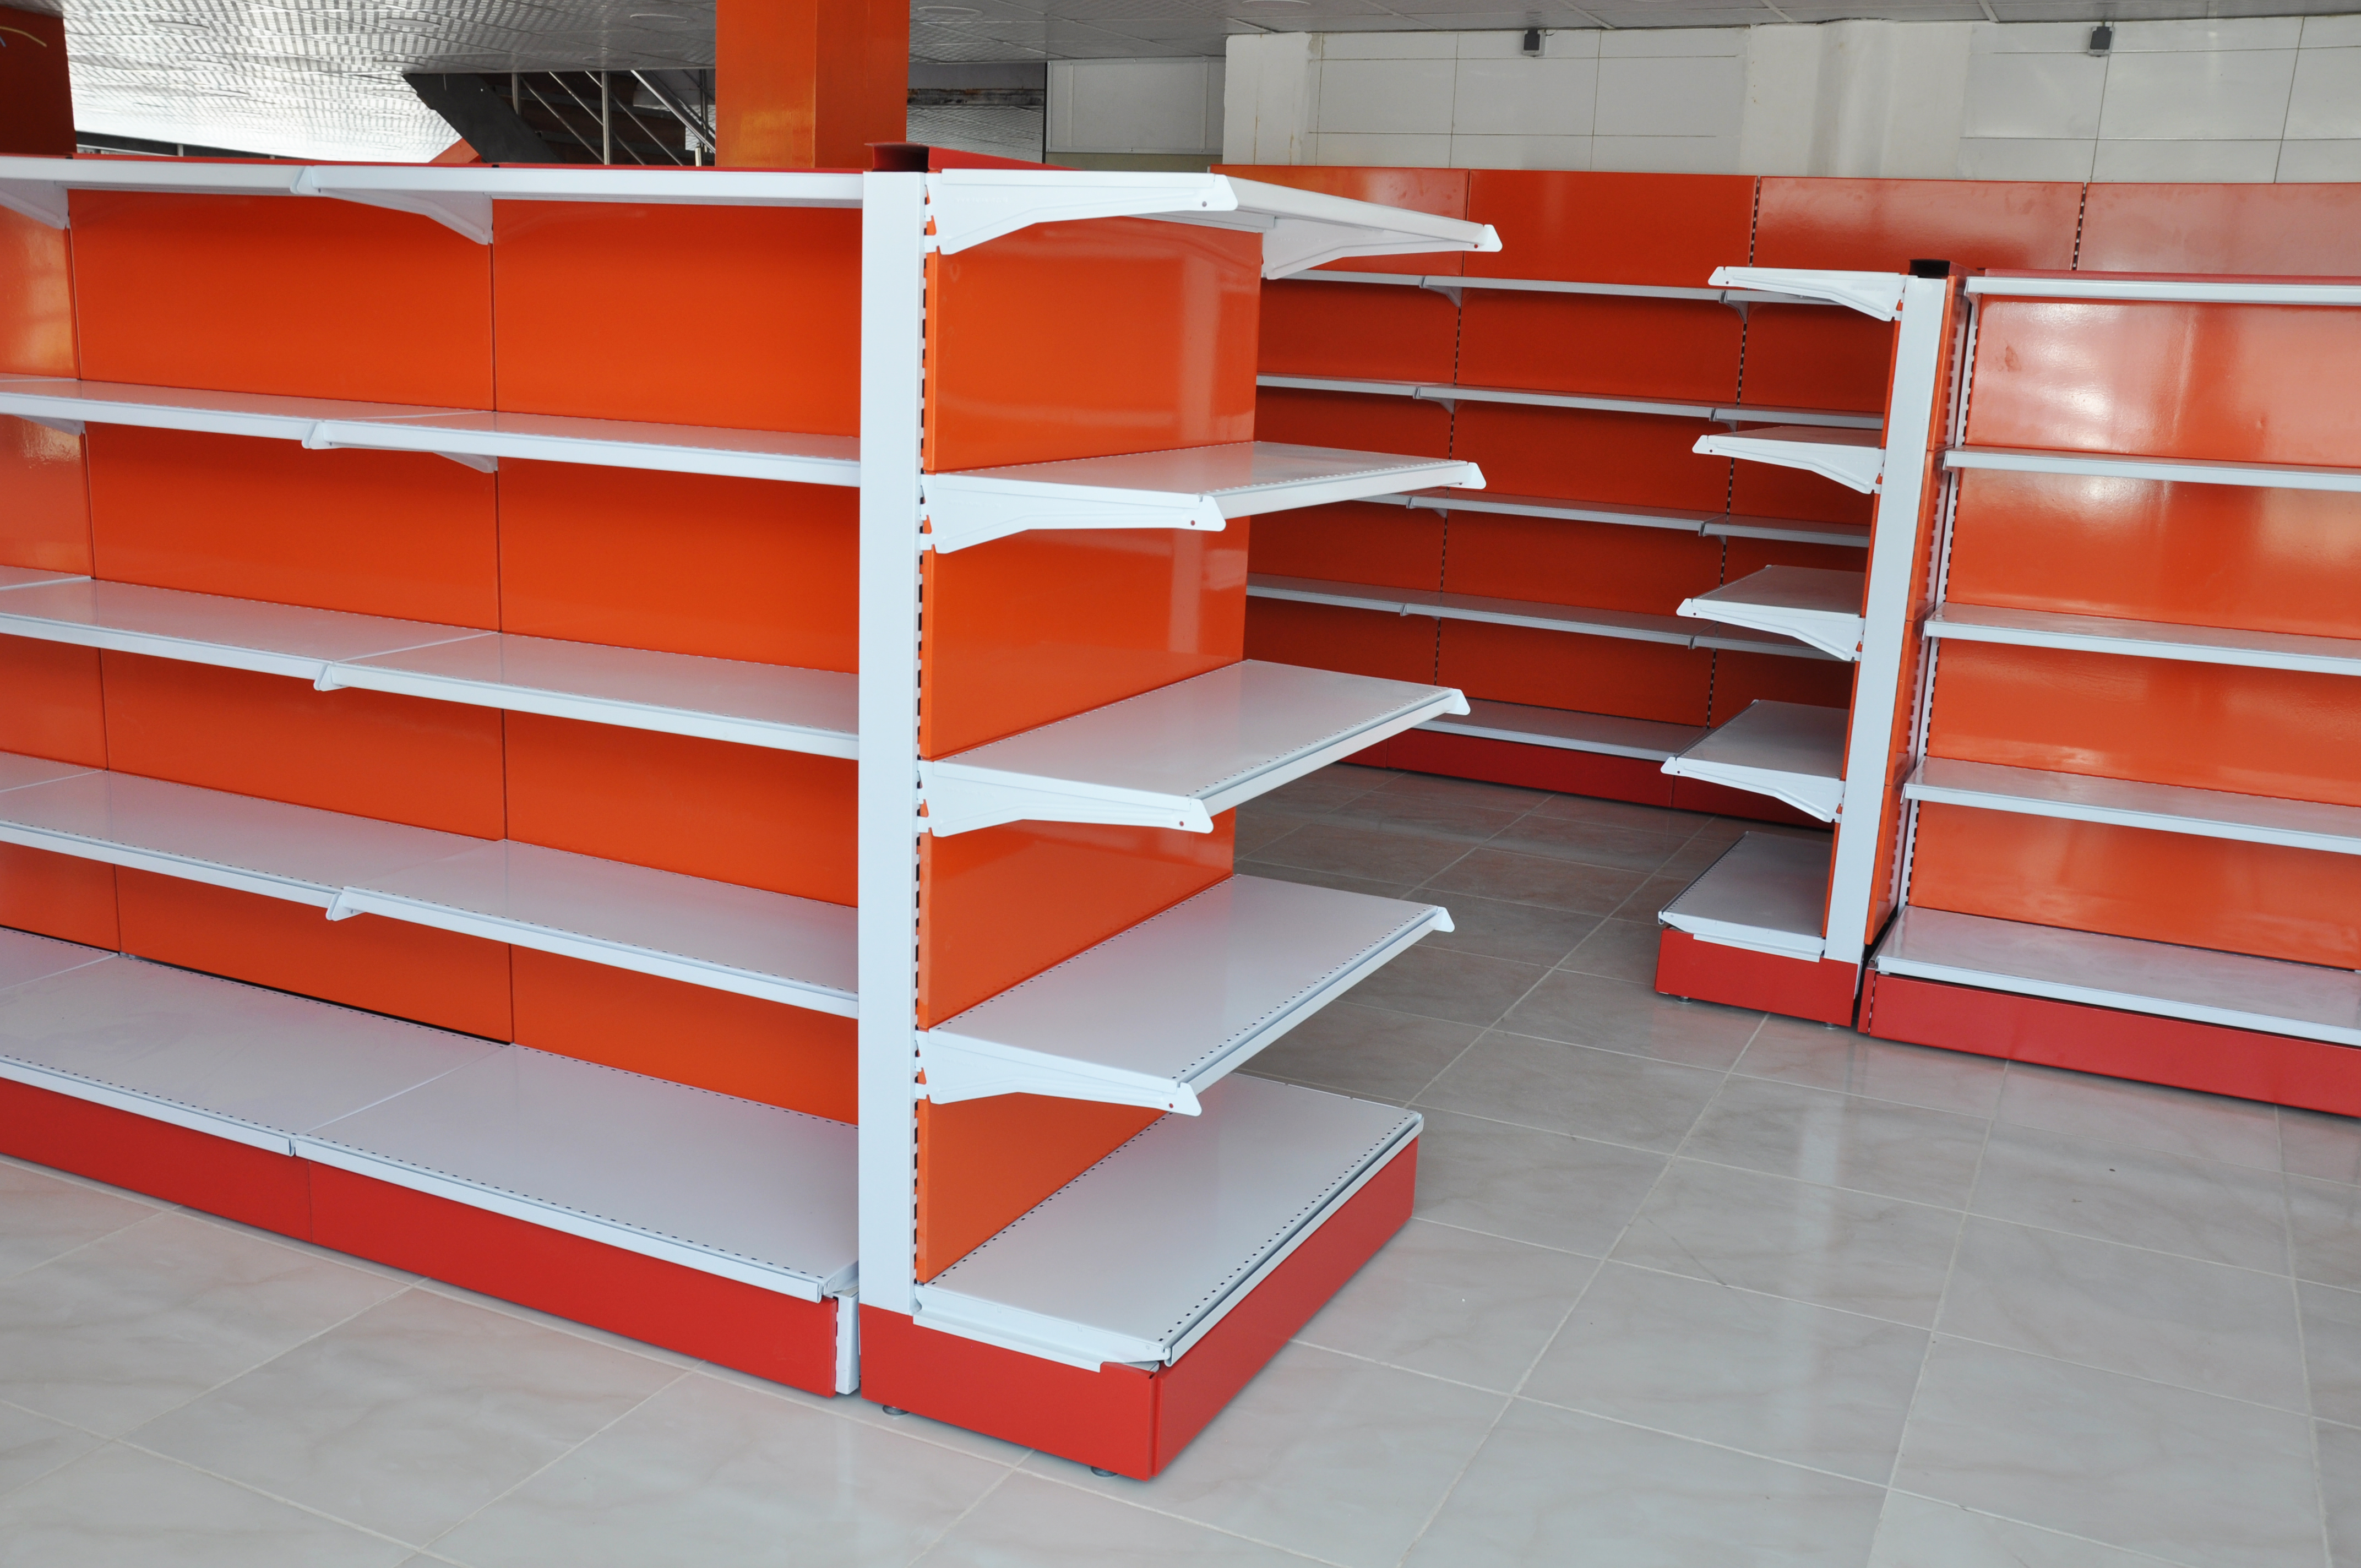 قفسه دو طرفه فروشگاهی   تجهیزات فروشگاهی پرشین صنعت آسیا در کرج